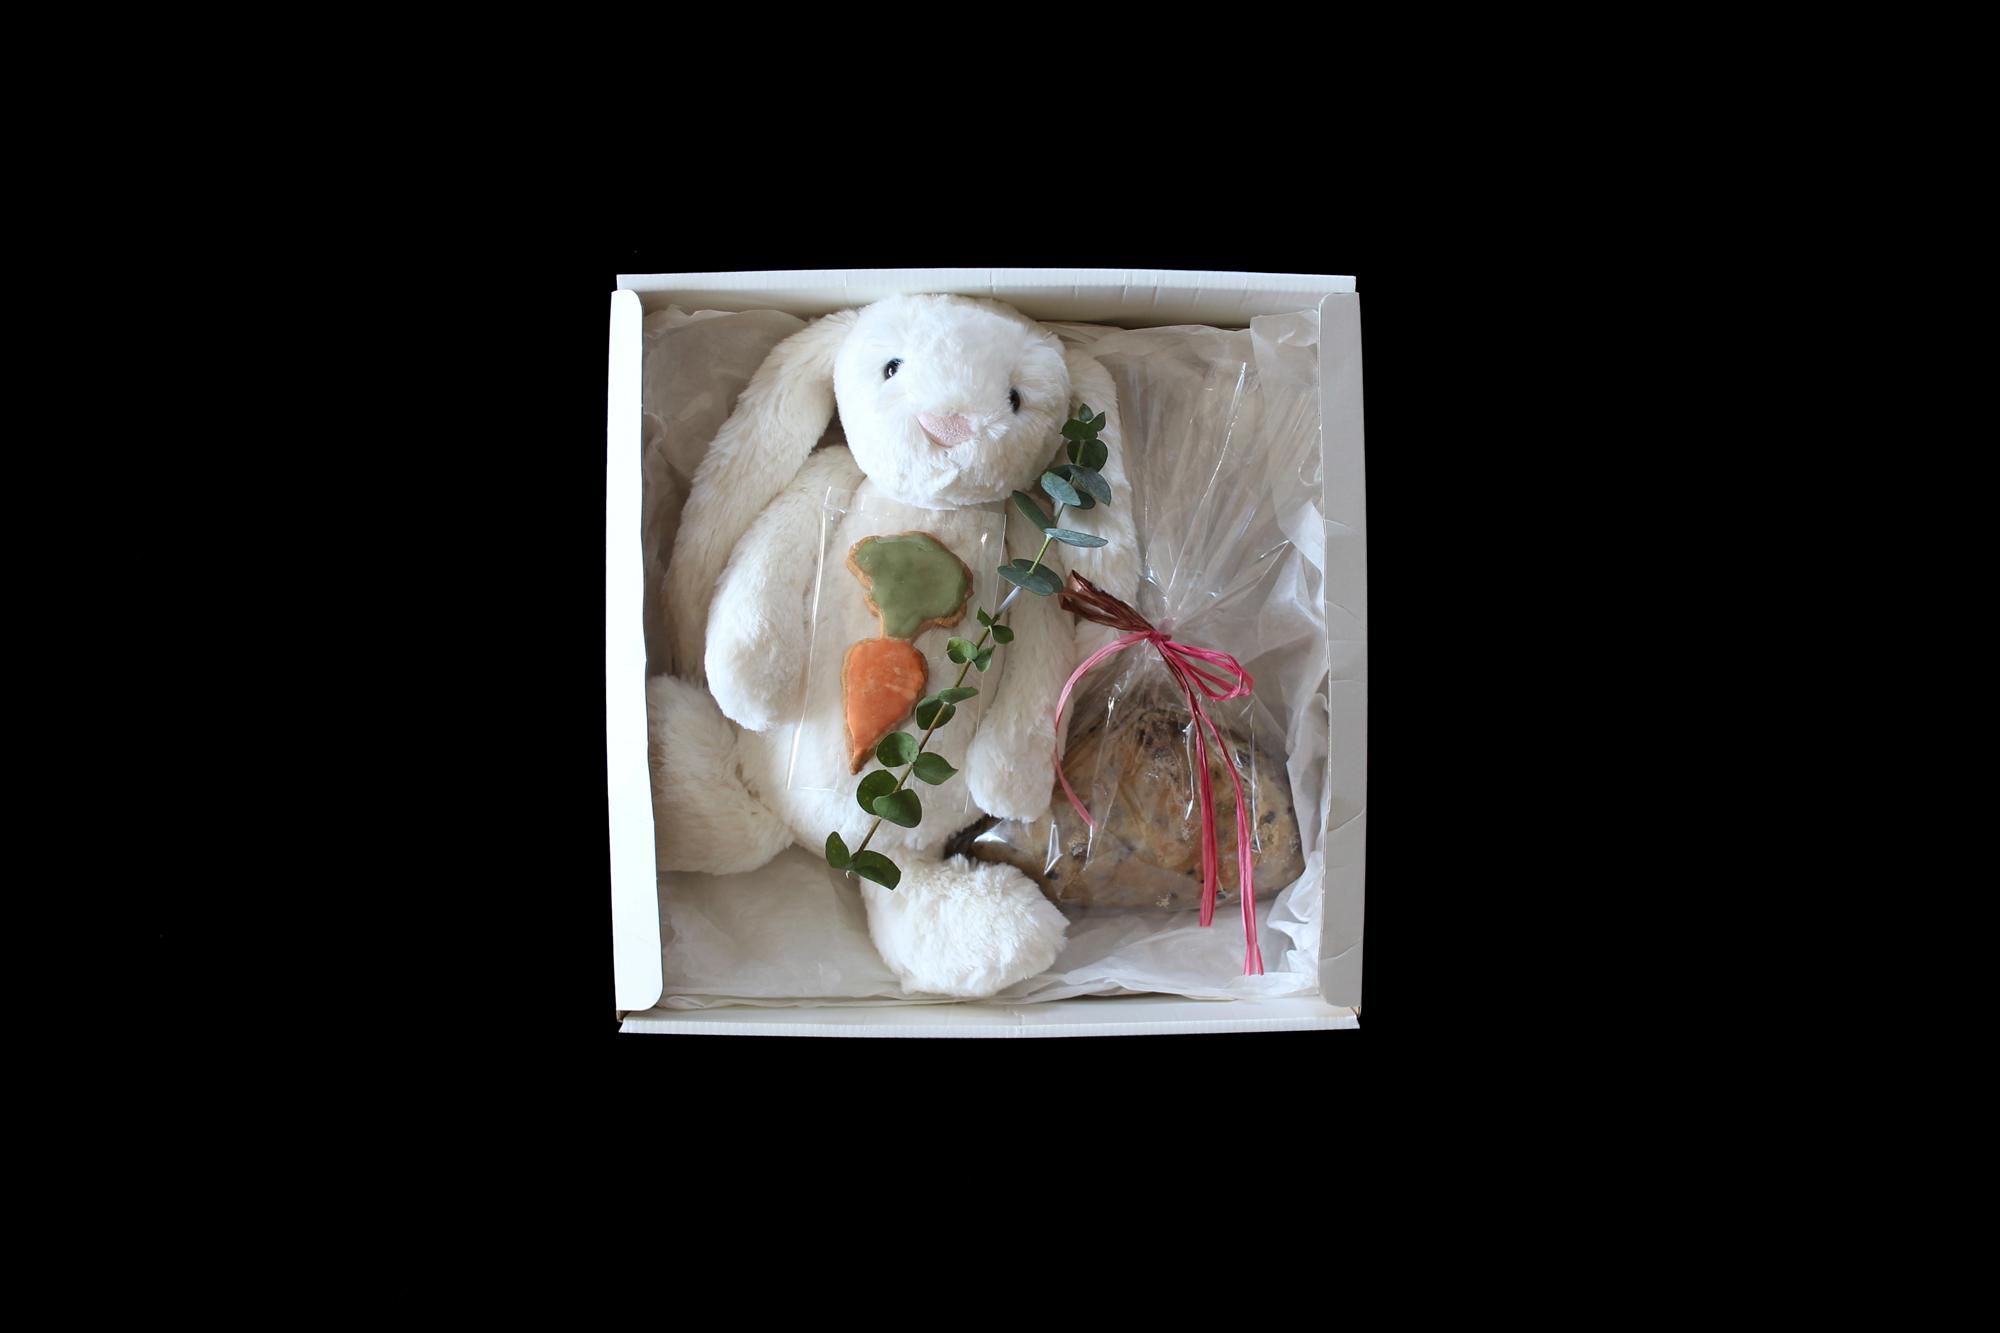 【ご予約のキャンセルがでています】かるべけいこ BOX B(かるべけいこ シュトレン / Jelly cat うさぎ / くらすこと にんじんクッキー)